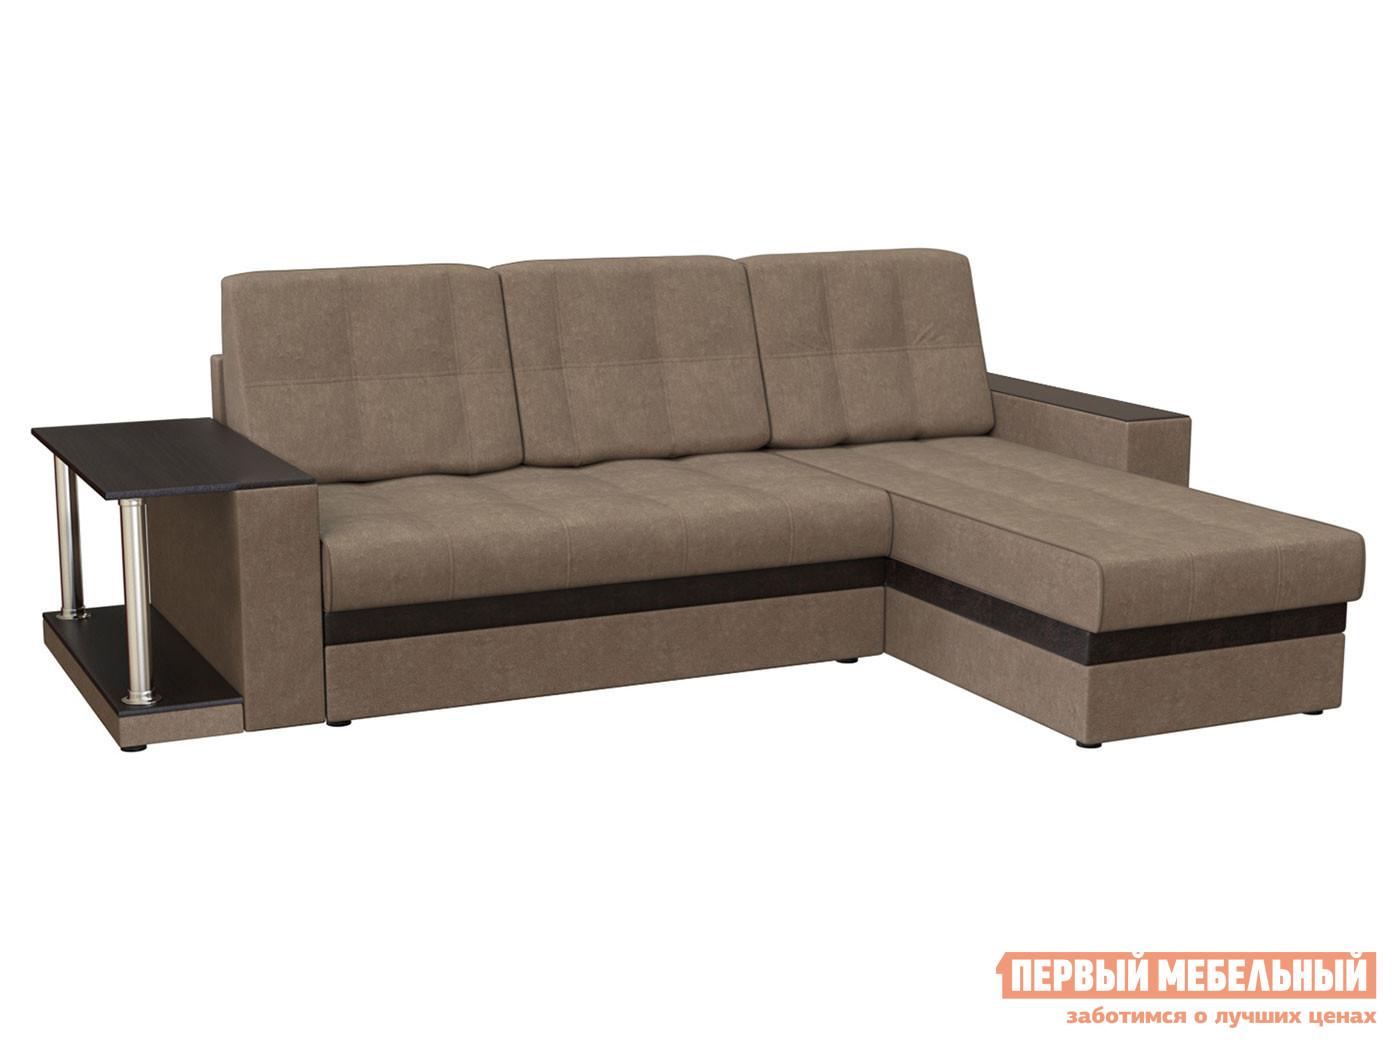 Угловой диван Первый Мебельный Диван Лорд угловой